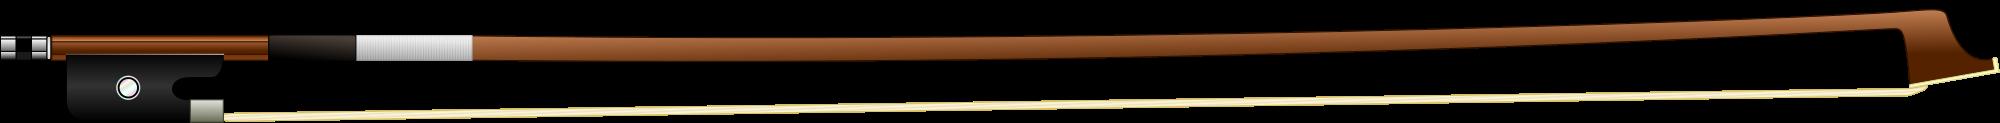 Cello clipart cello bow. File svg wikimedia commons